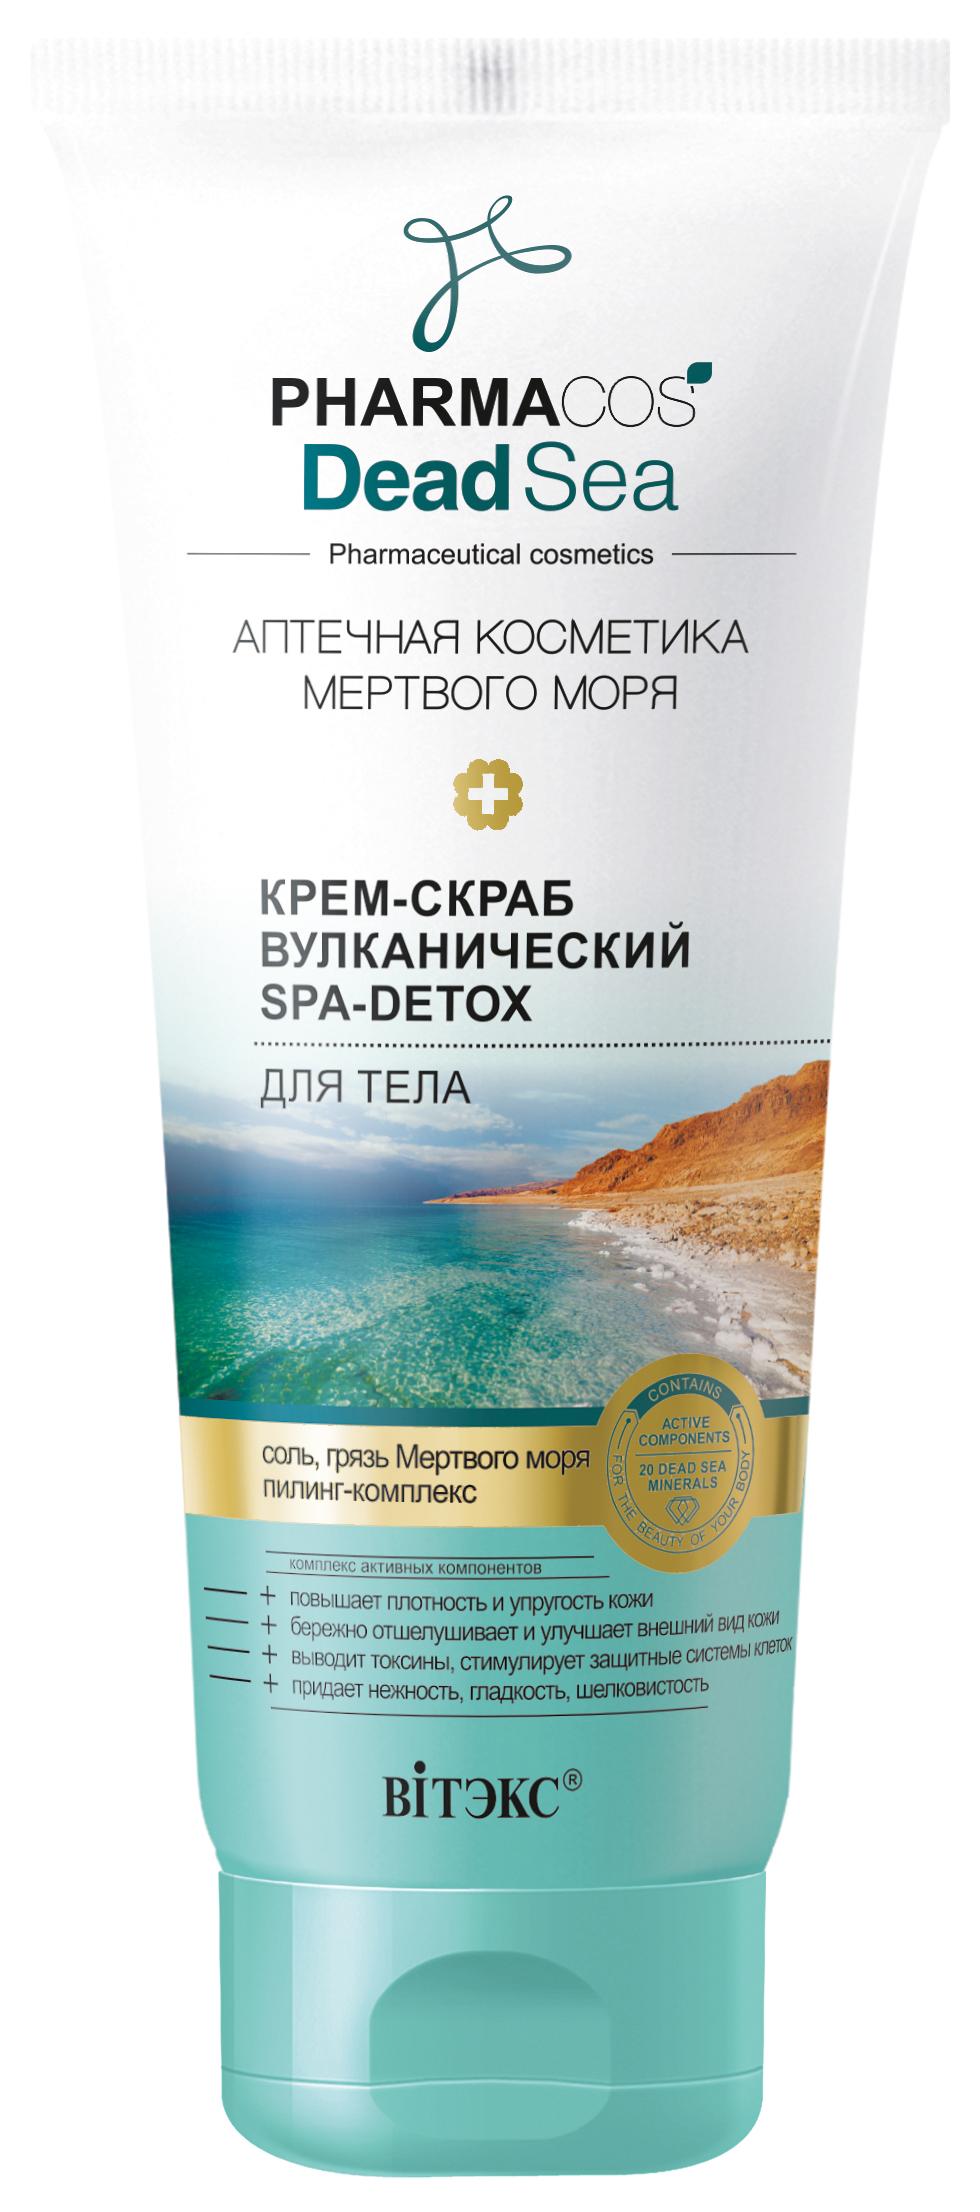 Скраб для тела Витэкс Pharmacos Dead Sea Вулканический 200 мл